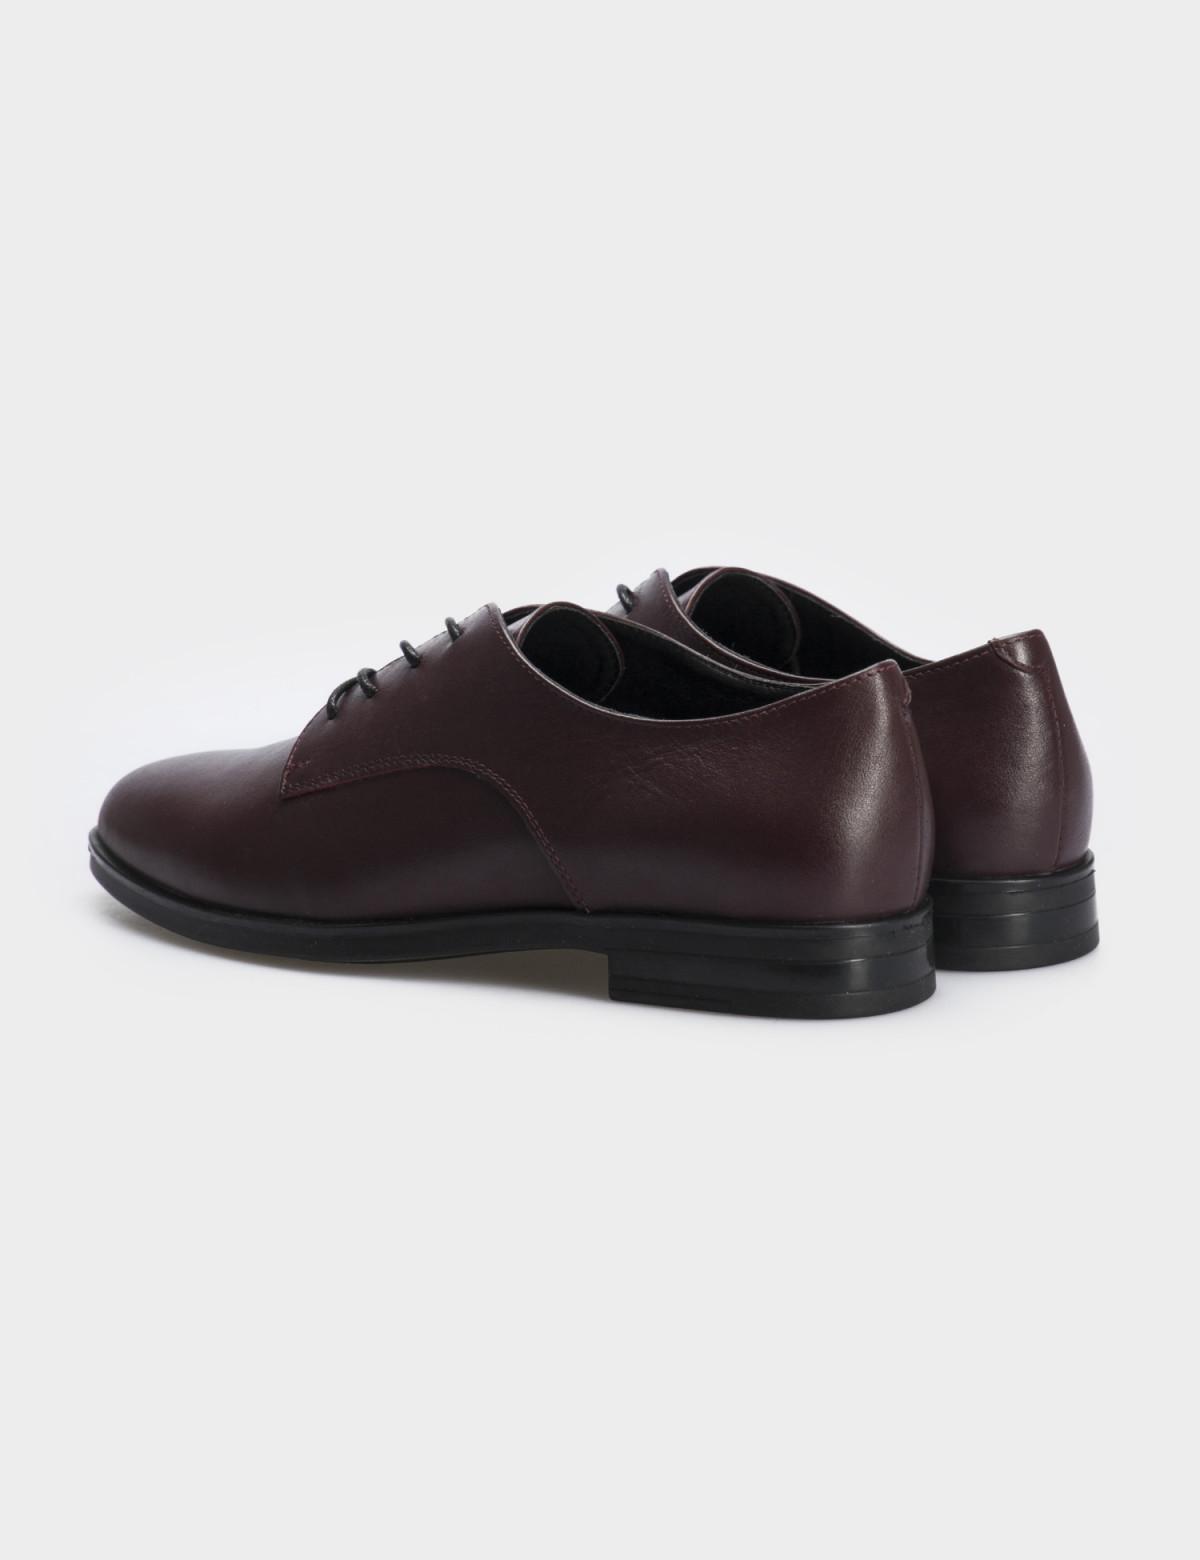 Туфли бордовые, натуральная кожа2